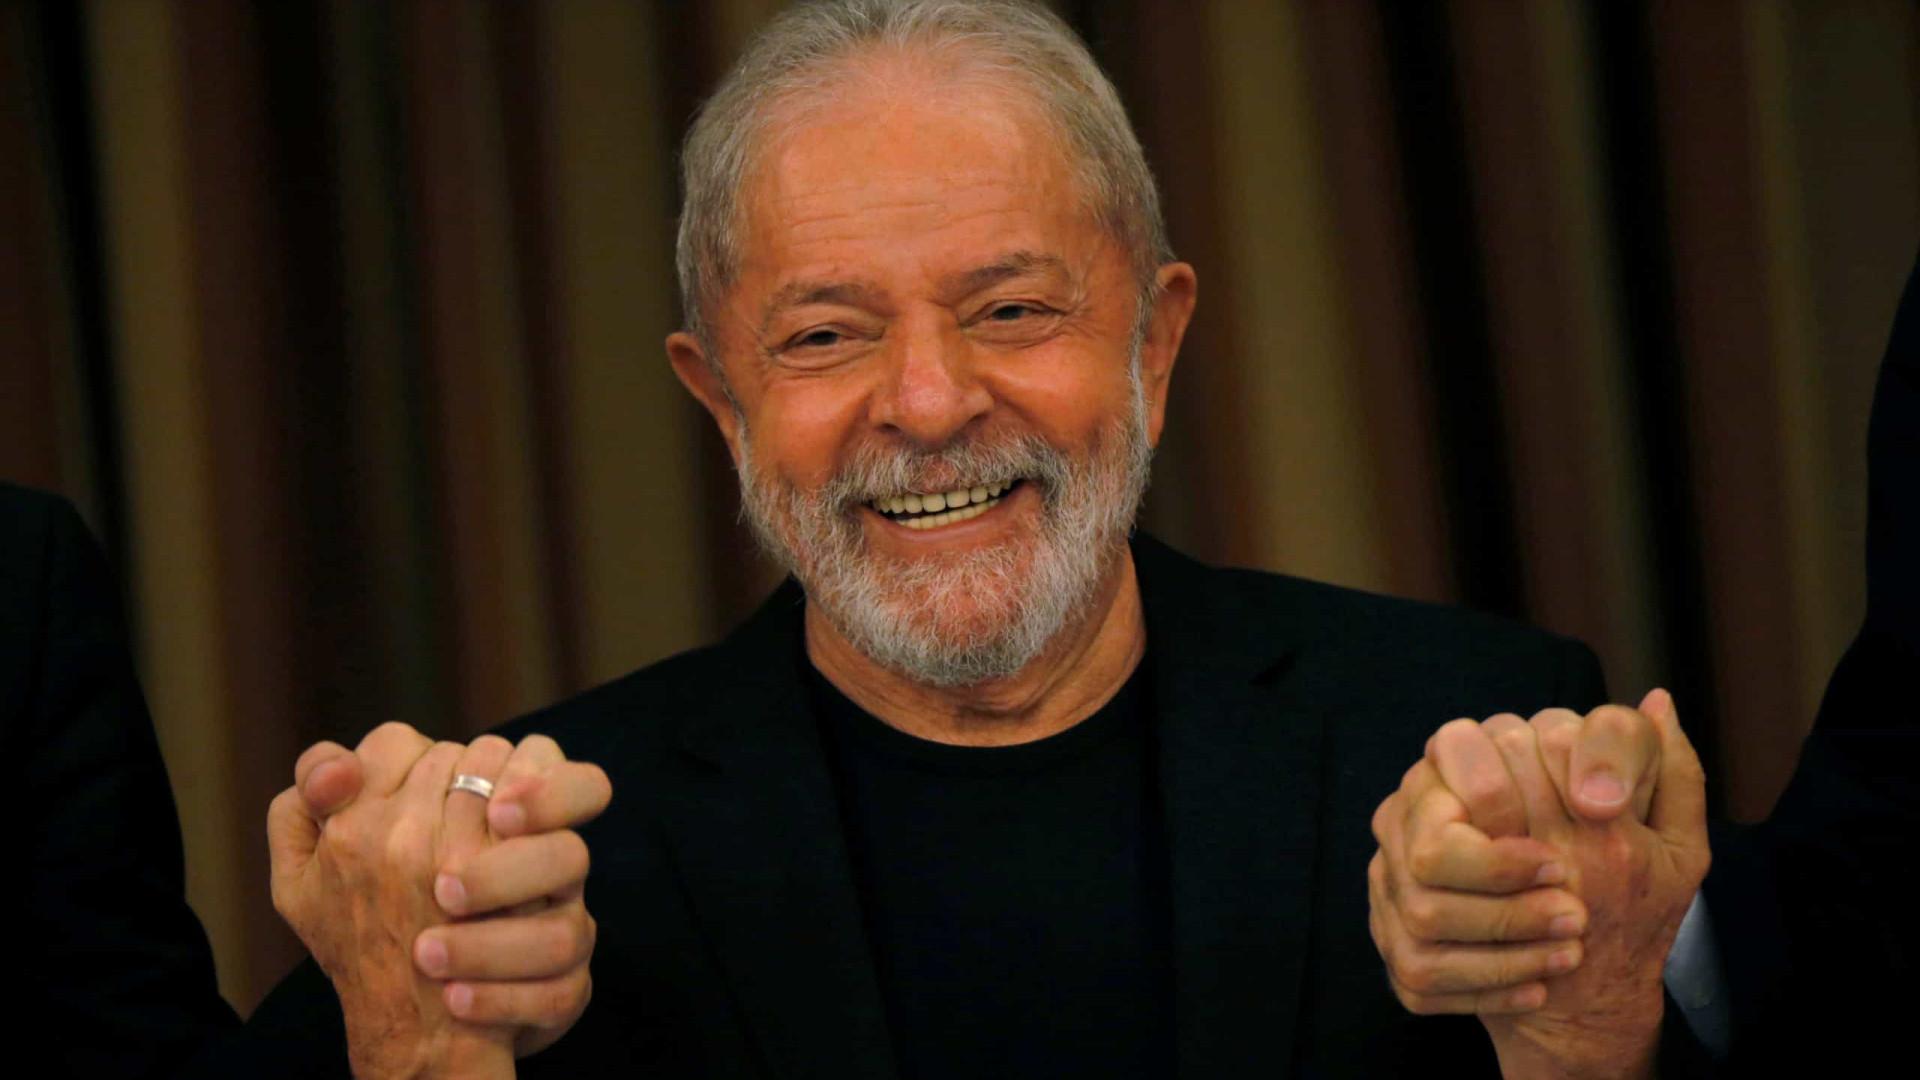 Anuladas condenações do ex-presidente Lula, que volta a ser elegível